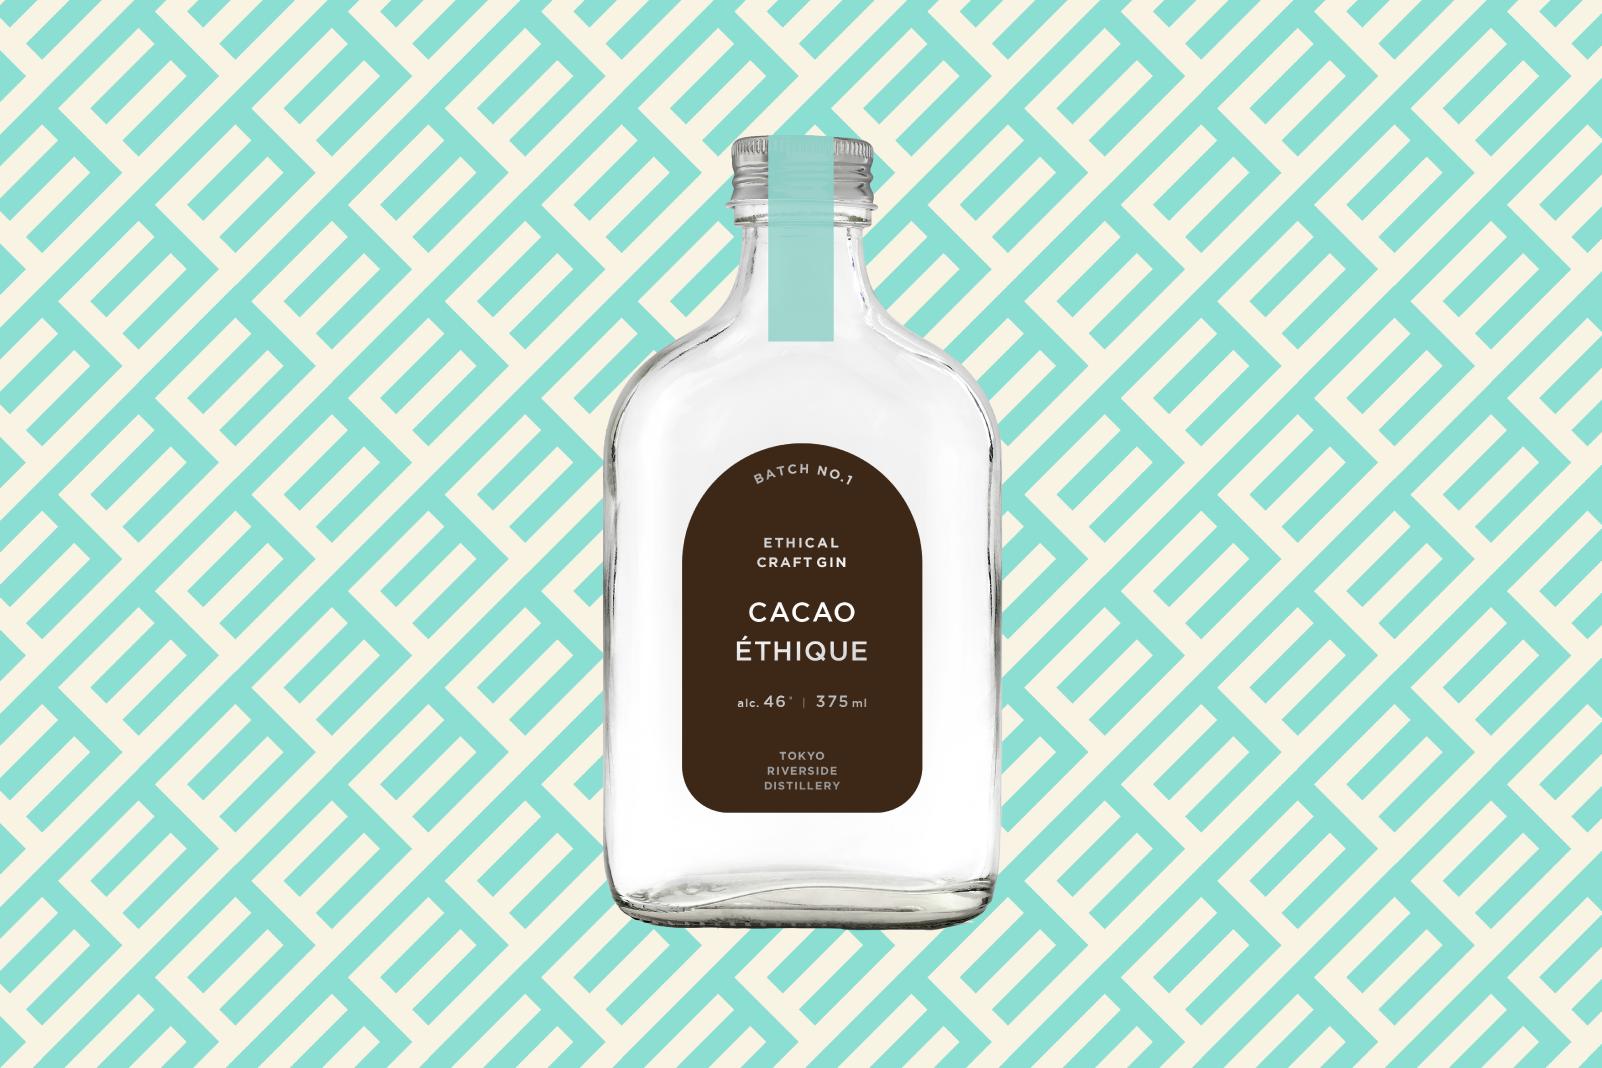 エシカル・スピリッツから、フーズカカオのカカオを採用したエシカル・ジン「CACAO ÉTHIQUE」の予約販売を開始